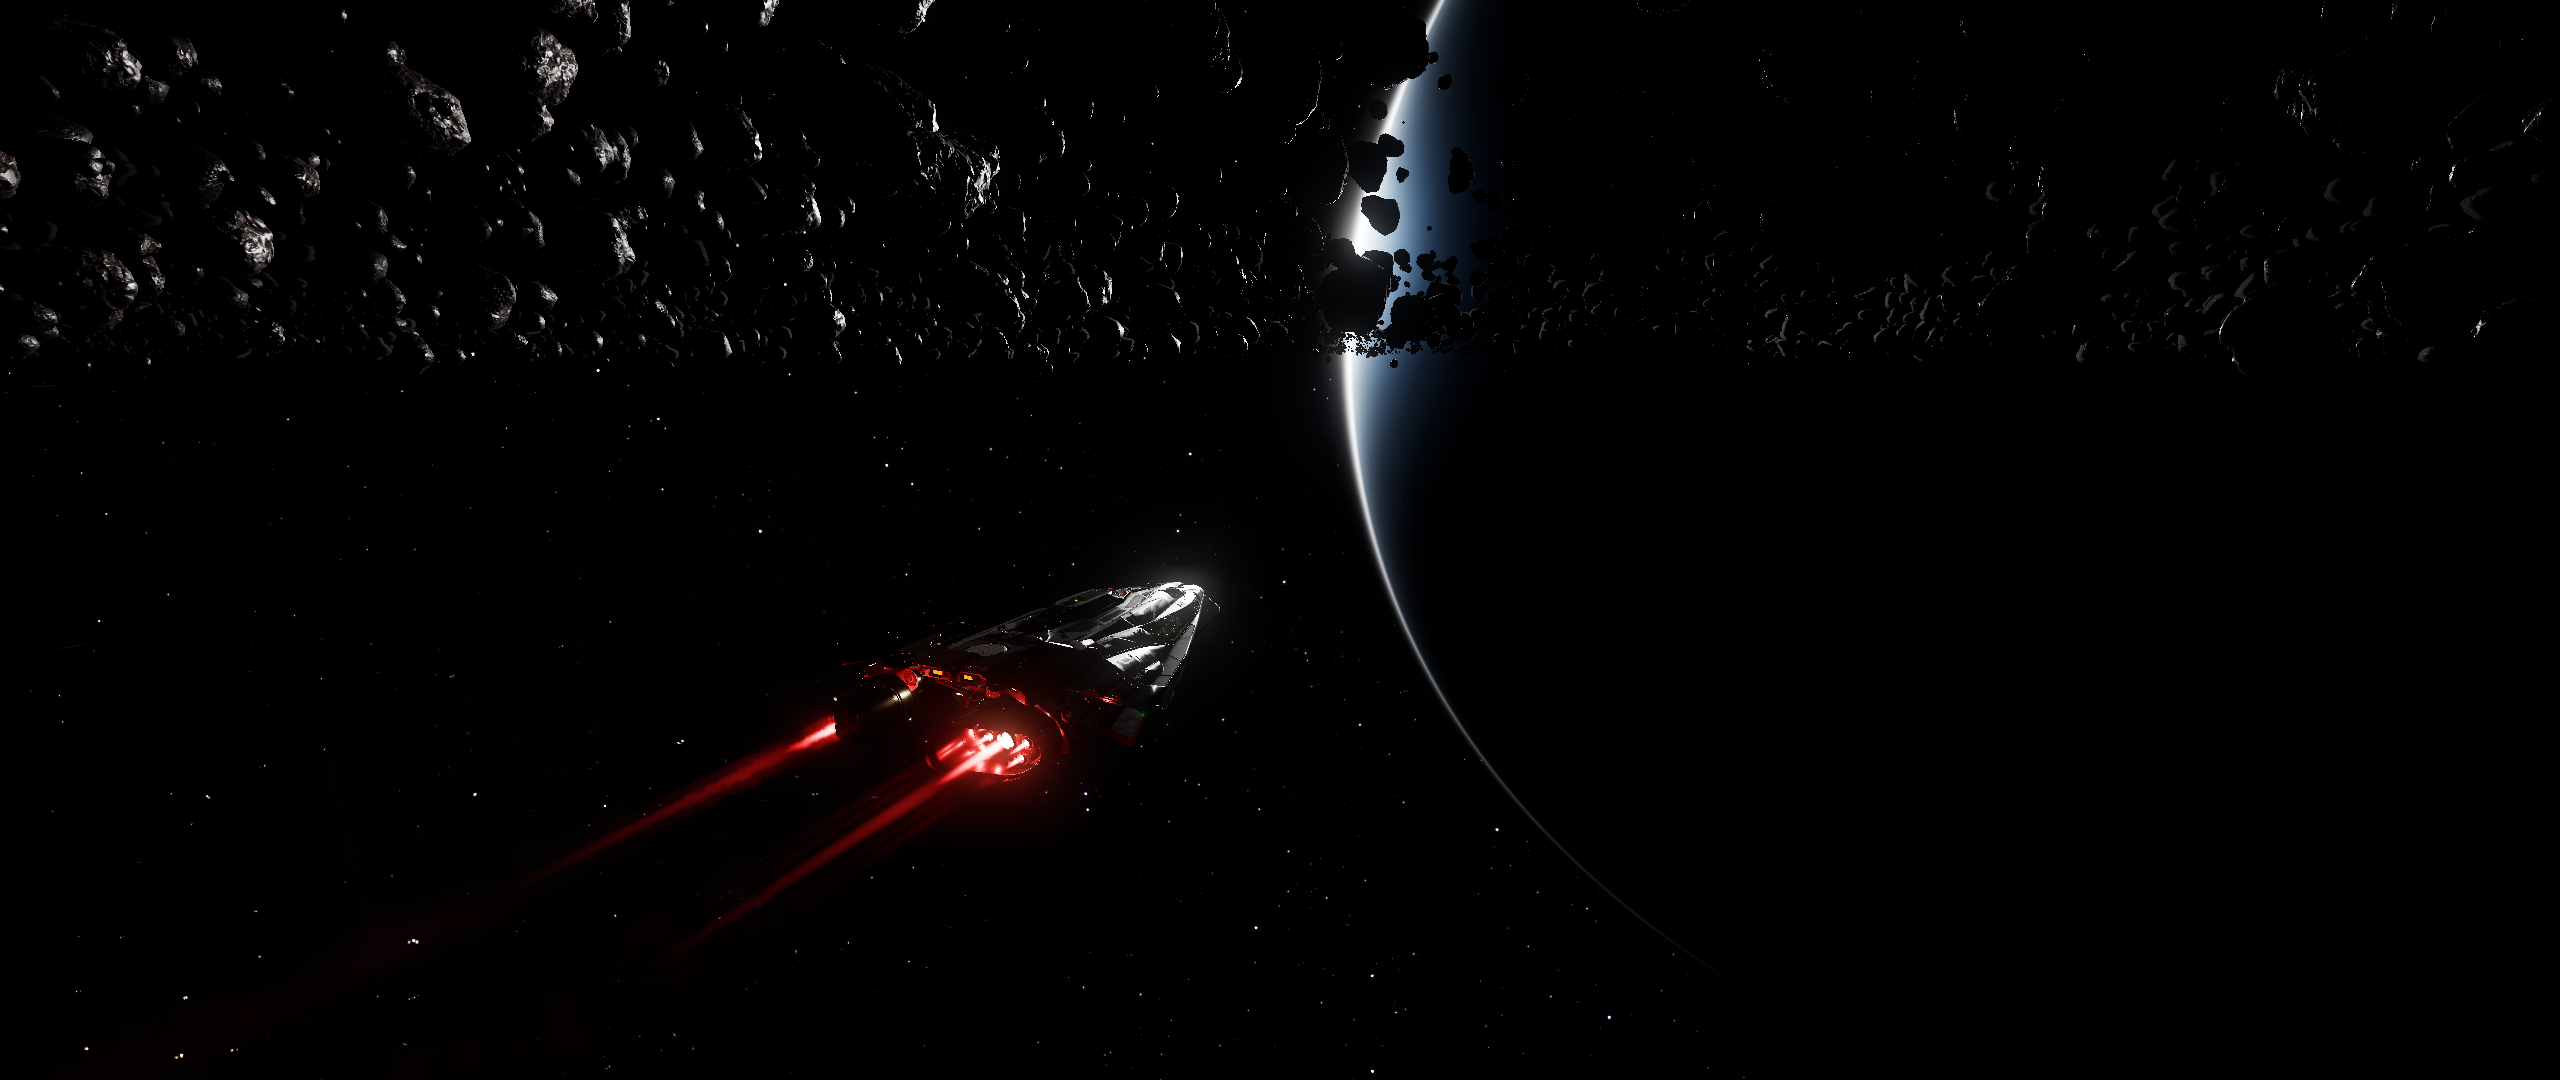 Elite Dangerous Screenshot 2021.10.06 - 16.11.42.03.png